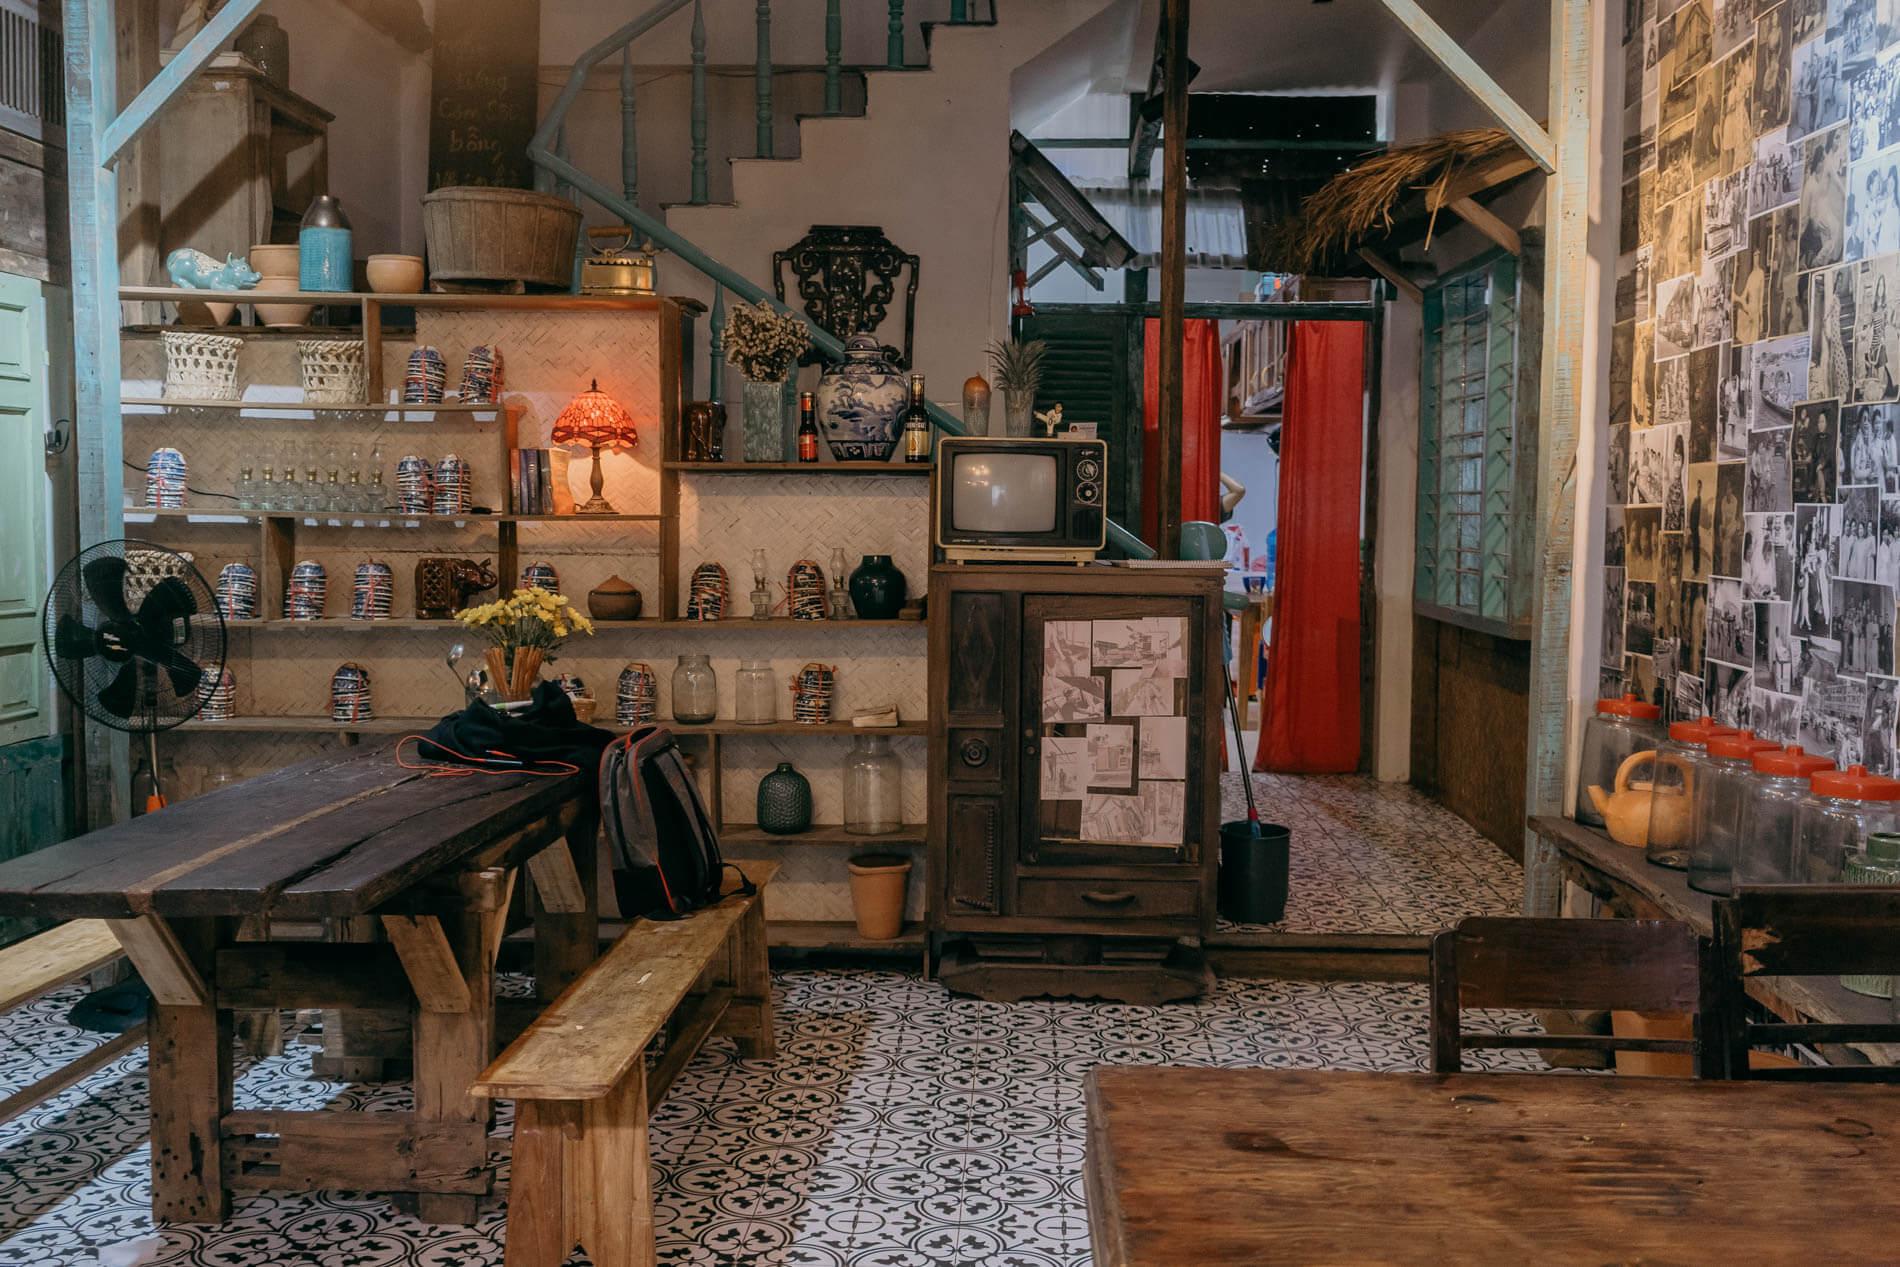 Chuyen Nang Dau known as one of the best restaurants in Da Nang